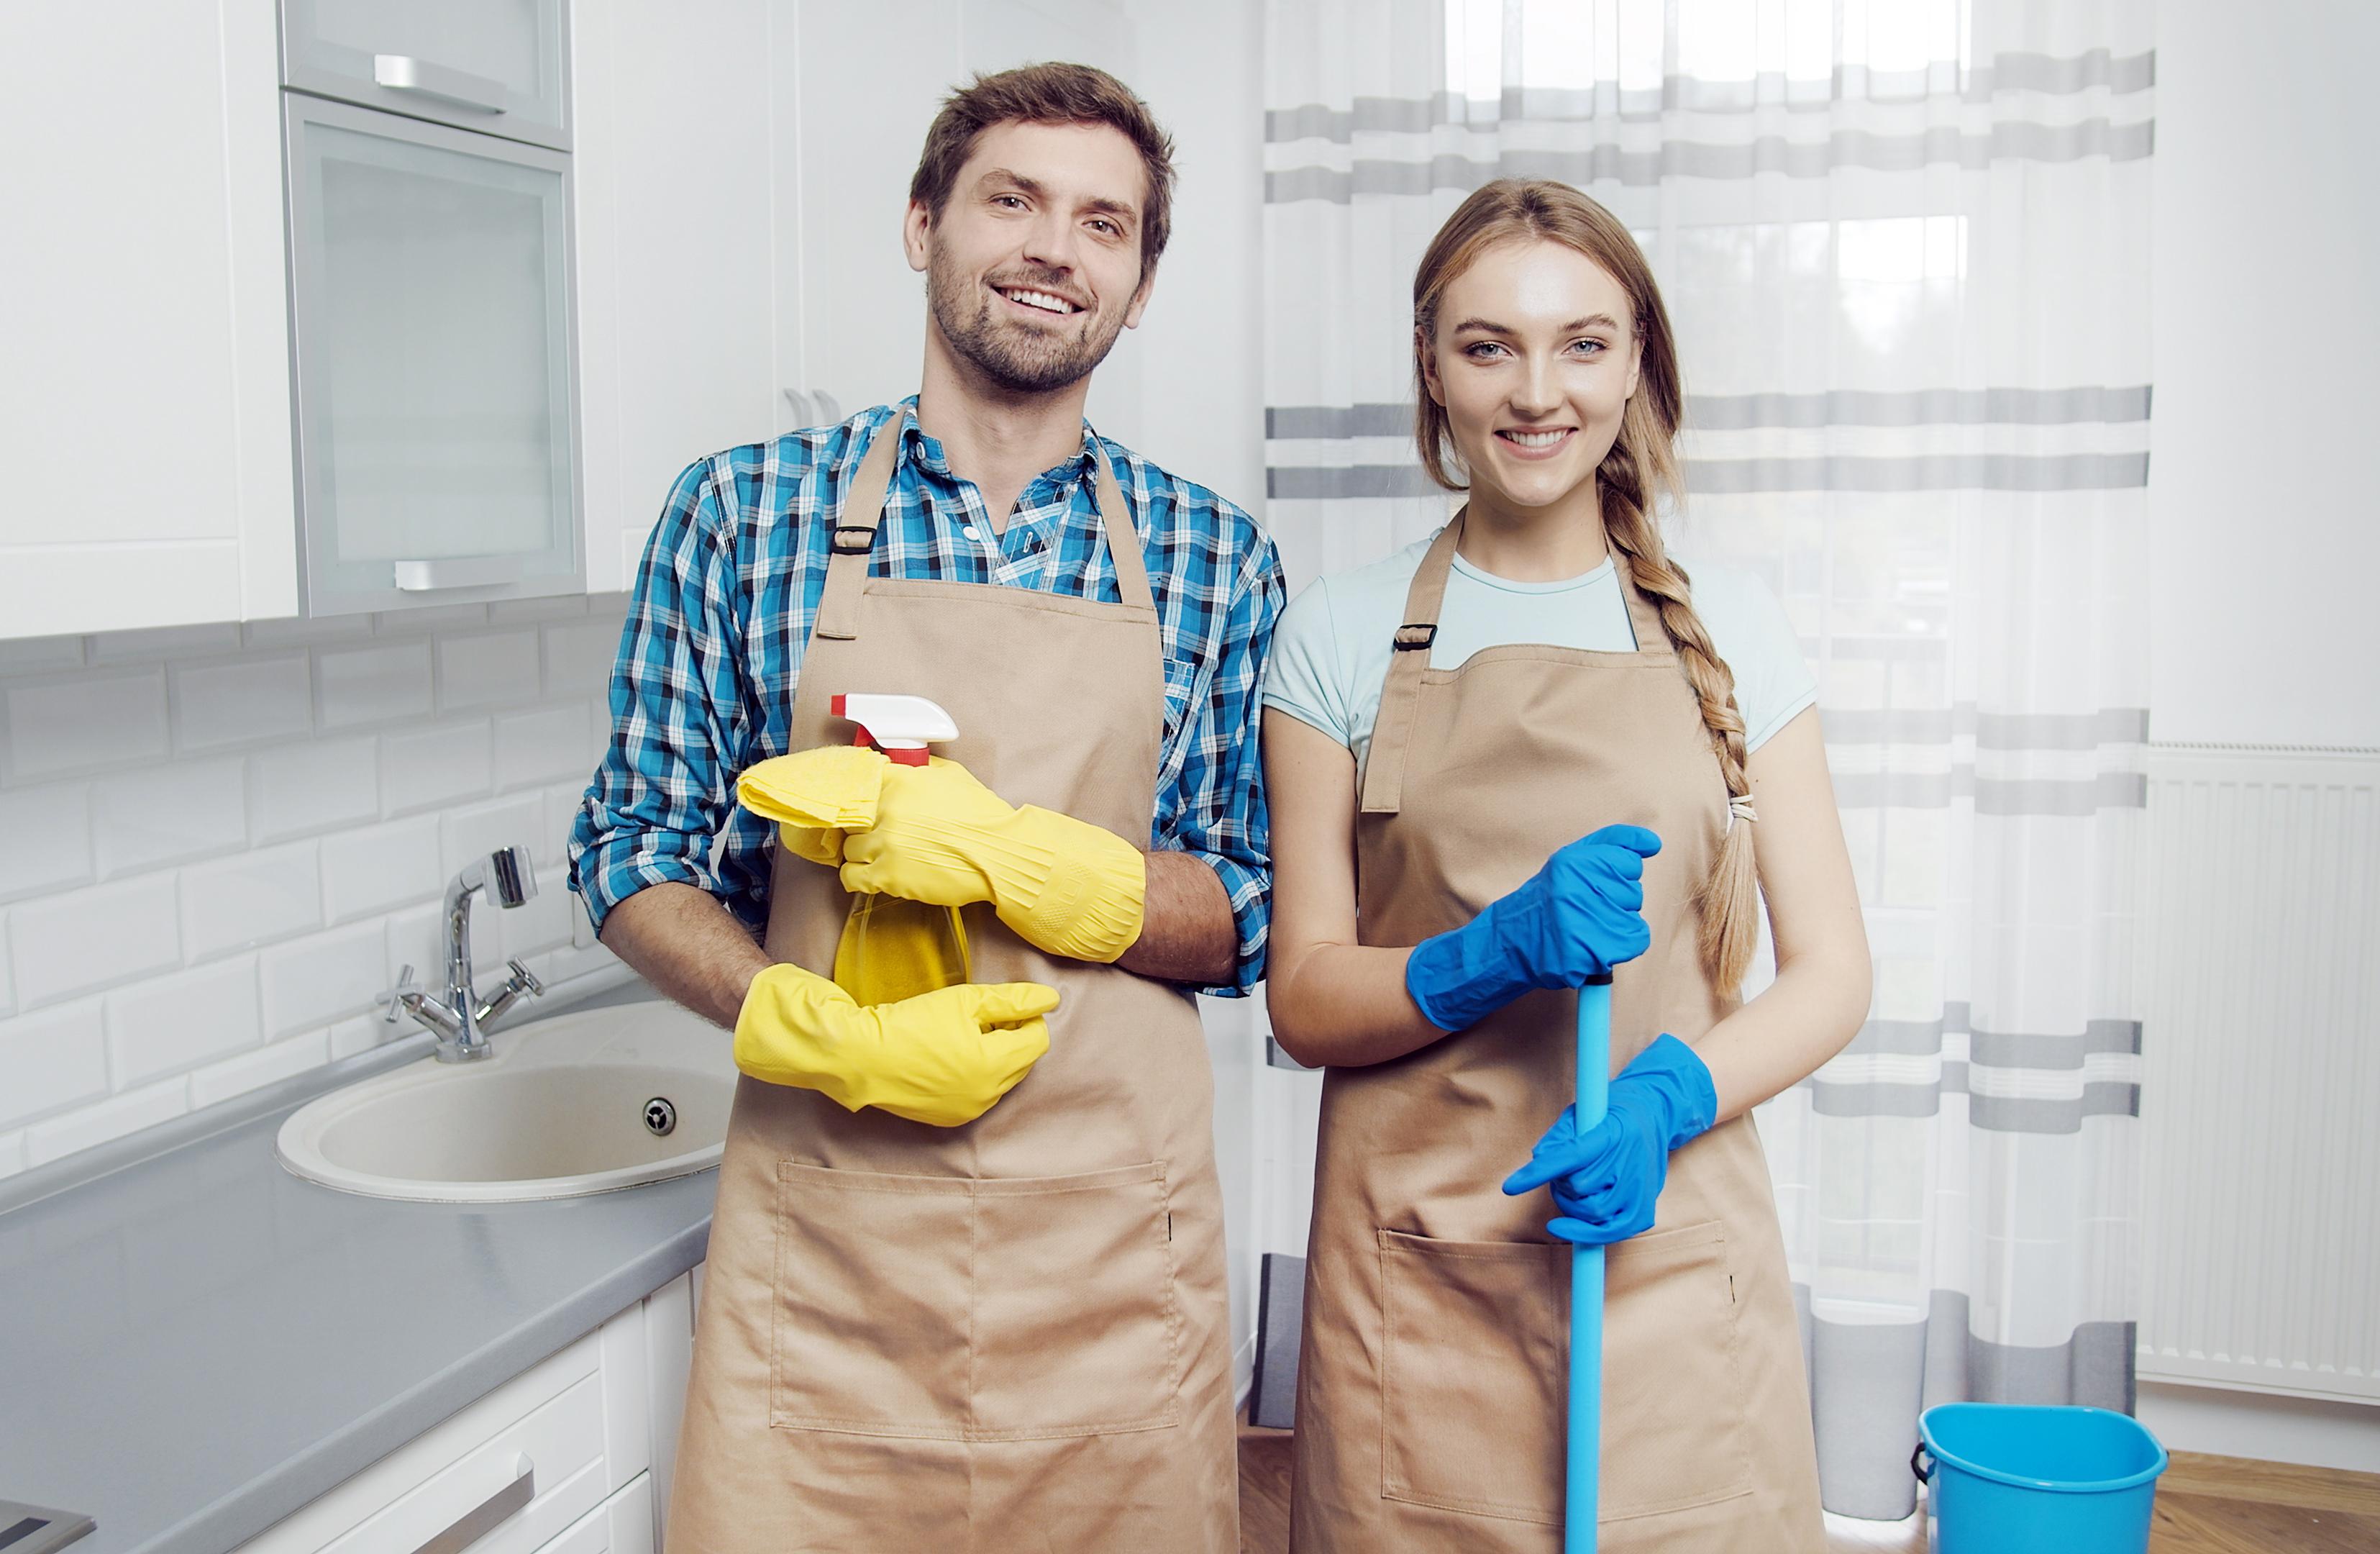 Een foto van een man en een vrouw die samen het huishouden doen